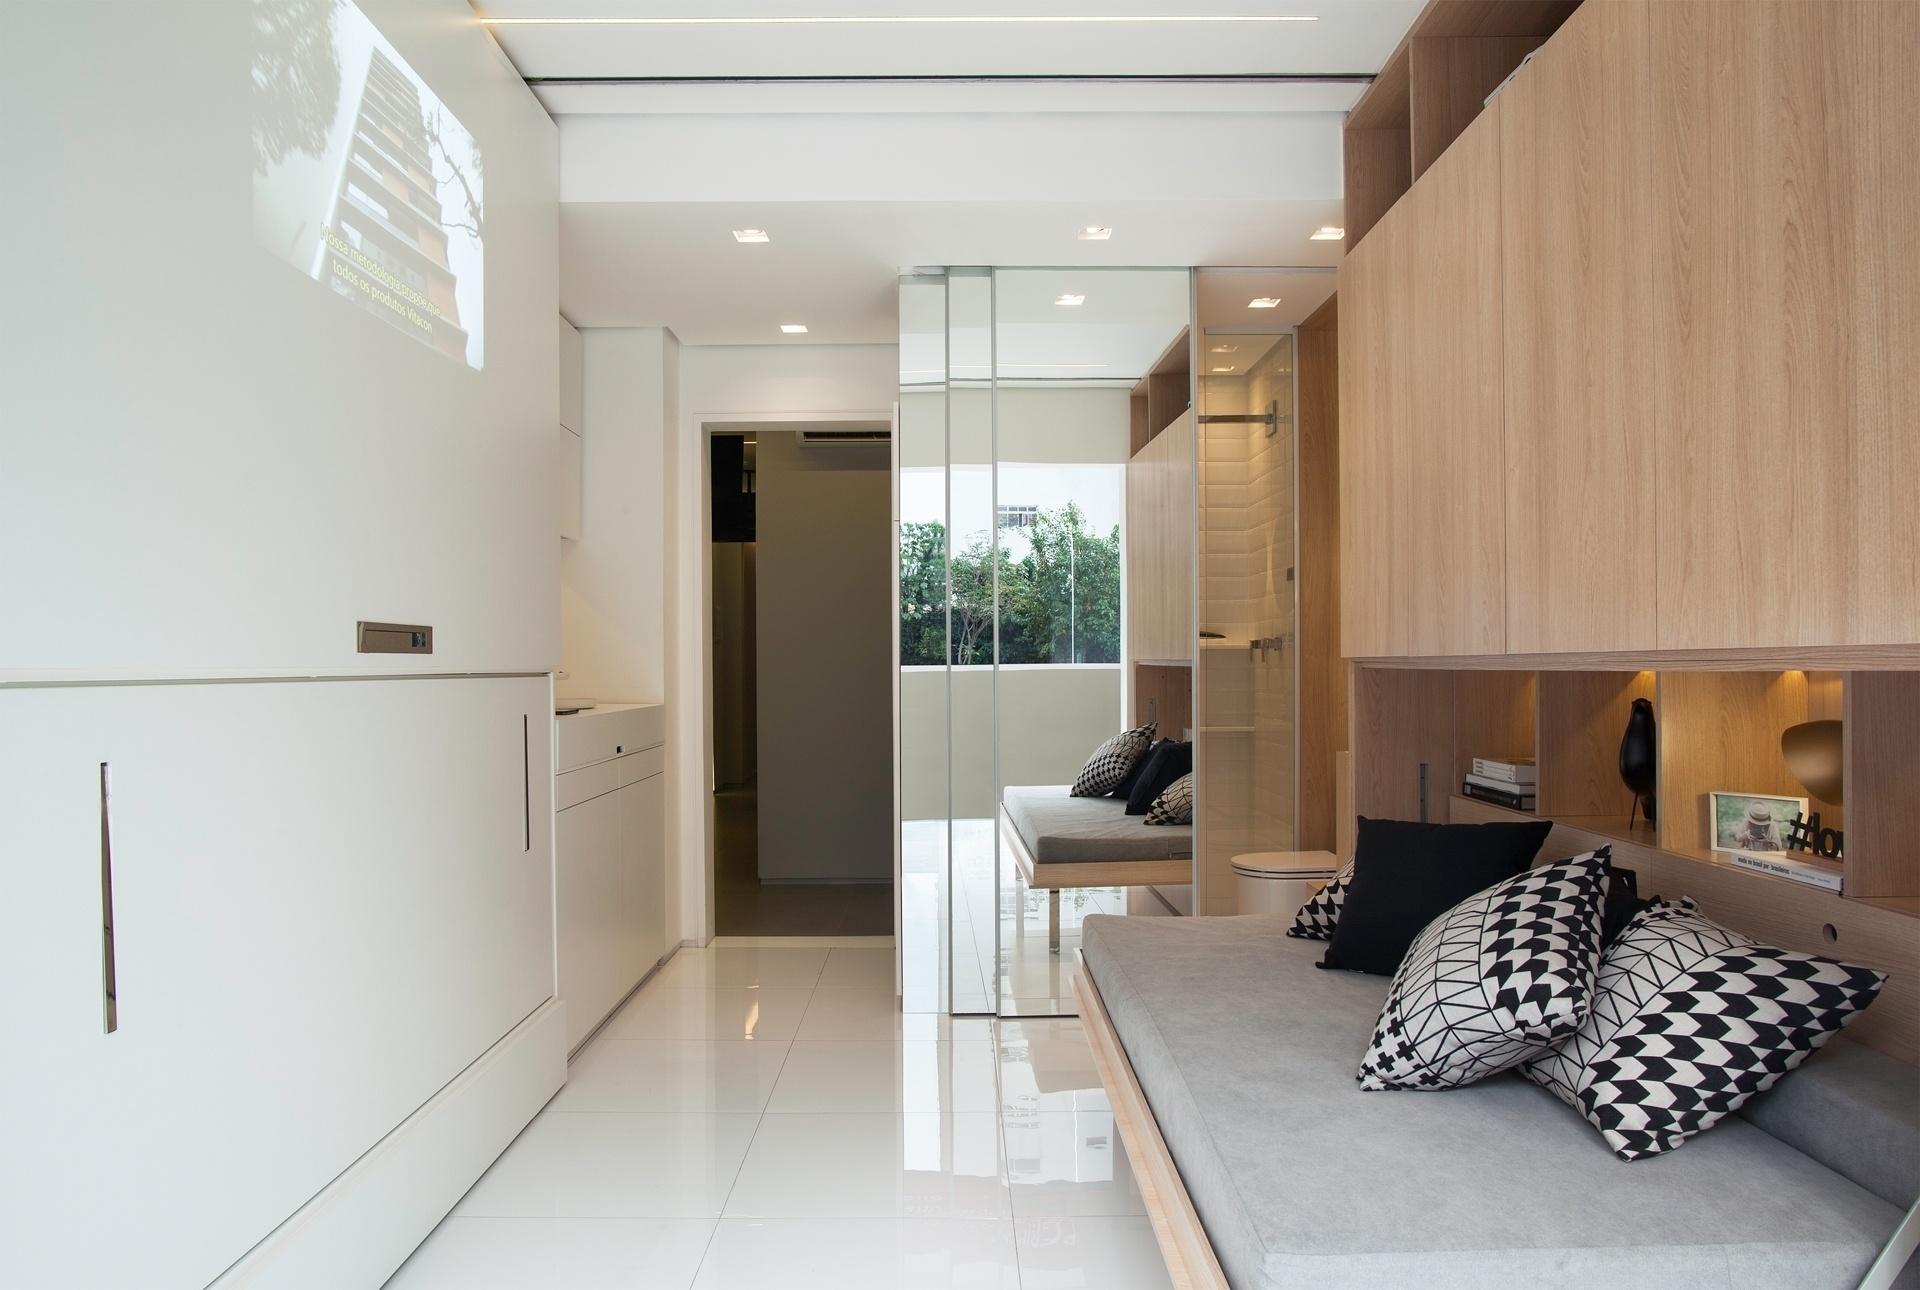 Um dos segredos para a otimização do espaço são os móveis embutidos. Os sofás - da direita (aberto) e da esquerda (fechado) - se unem para formar uma cama de casal. As portas tiveram os puxadores substituídos por recortes na madeira, o que deixa a aparência mais leve e evita enroscos e batidas durante a circulação. O projeto de arquitetura de interiores é da arquiteta Consuelo Jorge